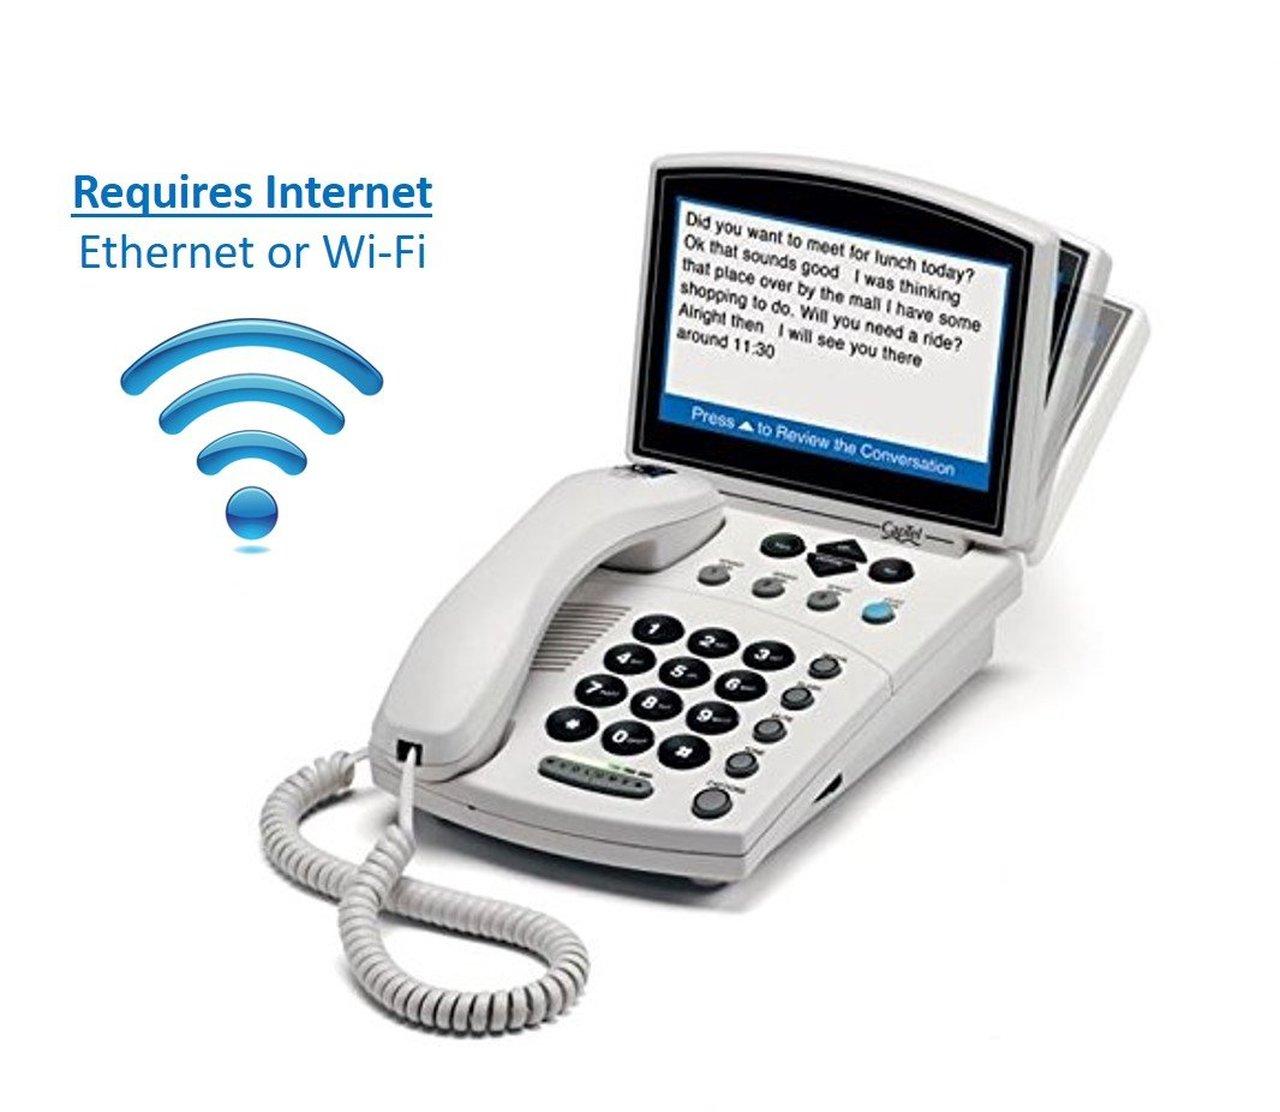 CapTel 840i Caption Phone